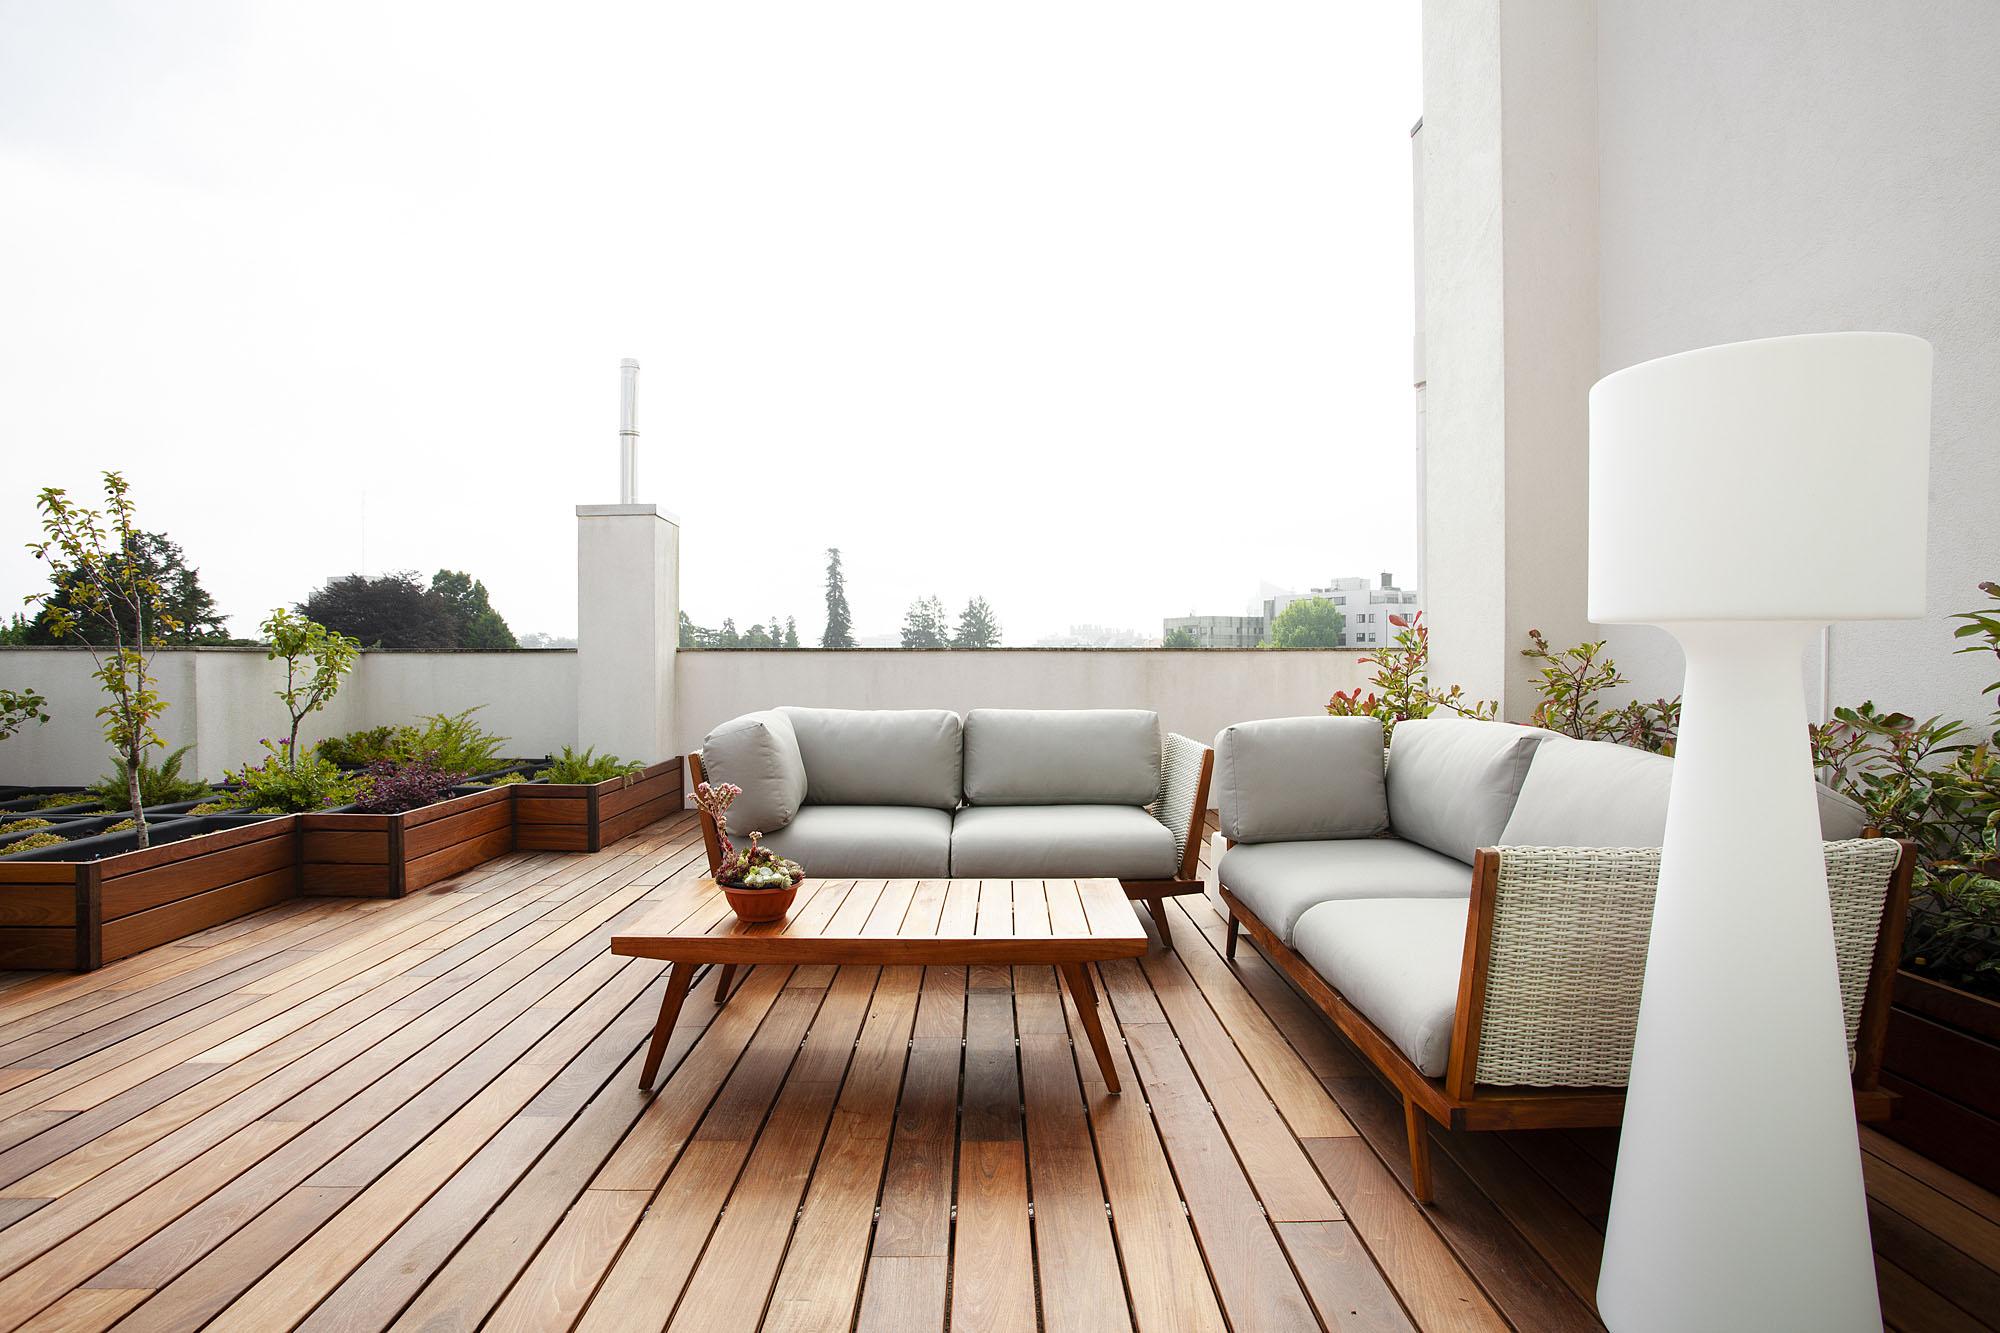 Projeto de decoração num apartamento do Porto (Portugal), área do terraço exterior